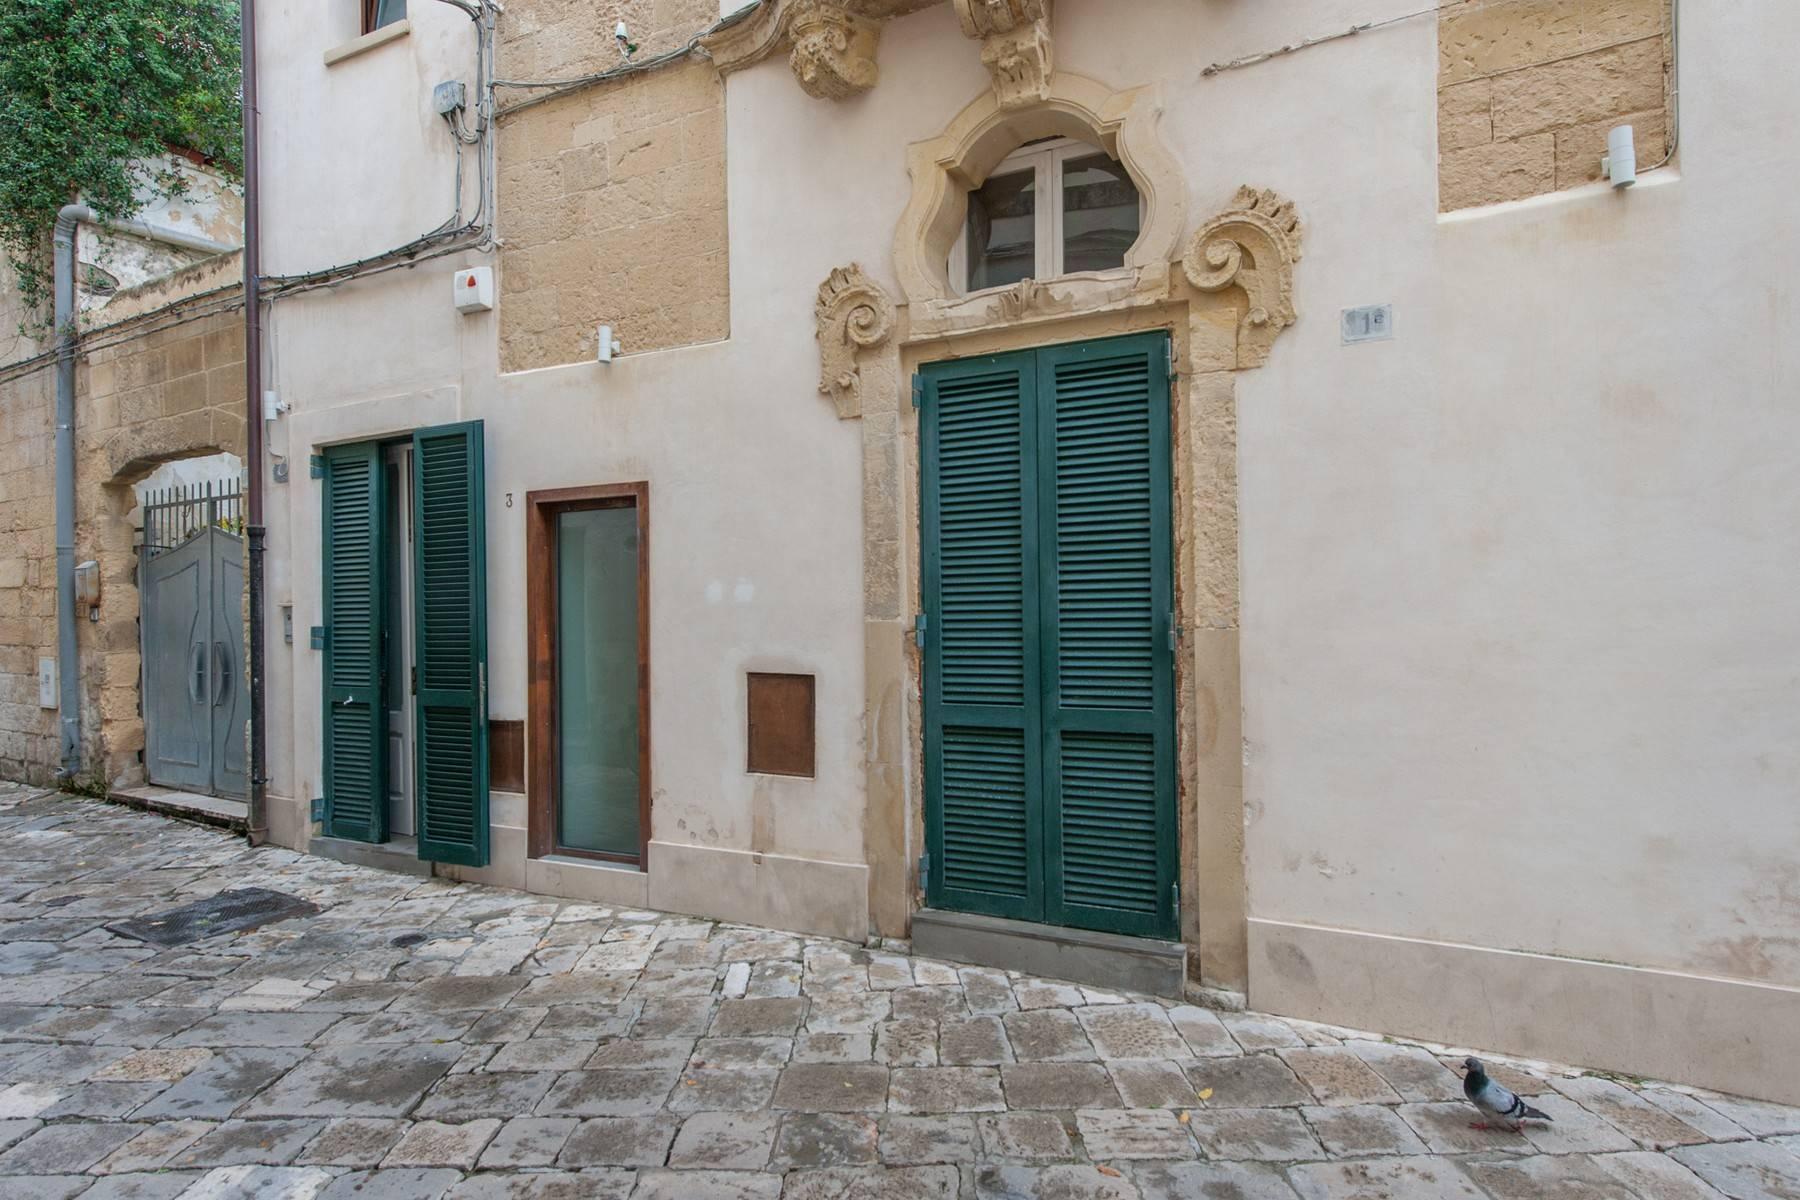 Casa indipendente in Vendita a Lecce: 5 locali, 180 mq - Foto 17